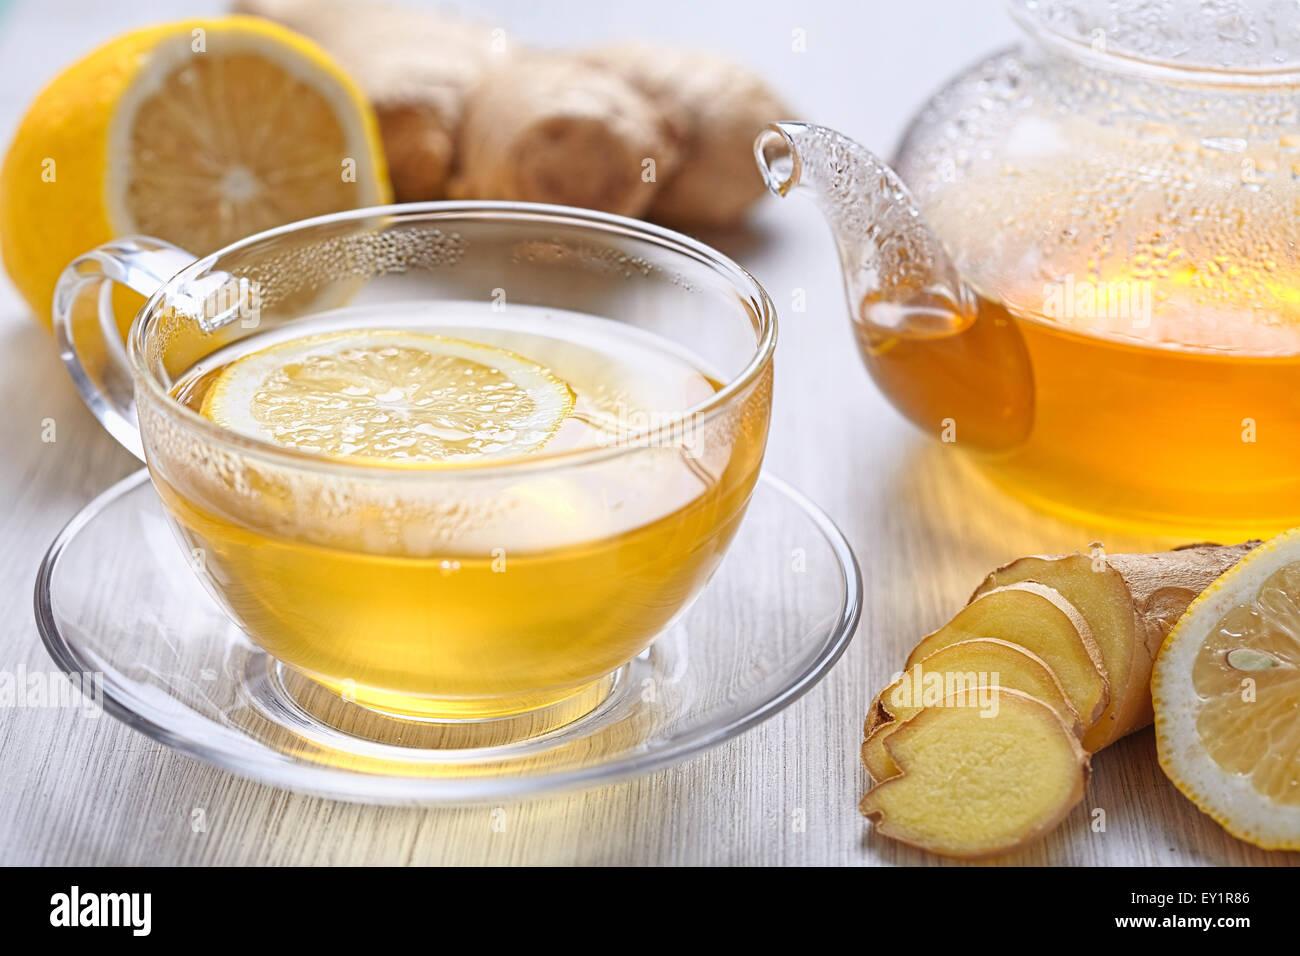 Tazza di succo di limone e il tè allo zenzero Immagini Stock